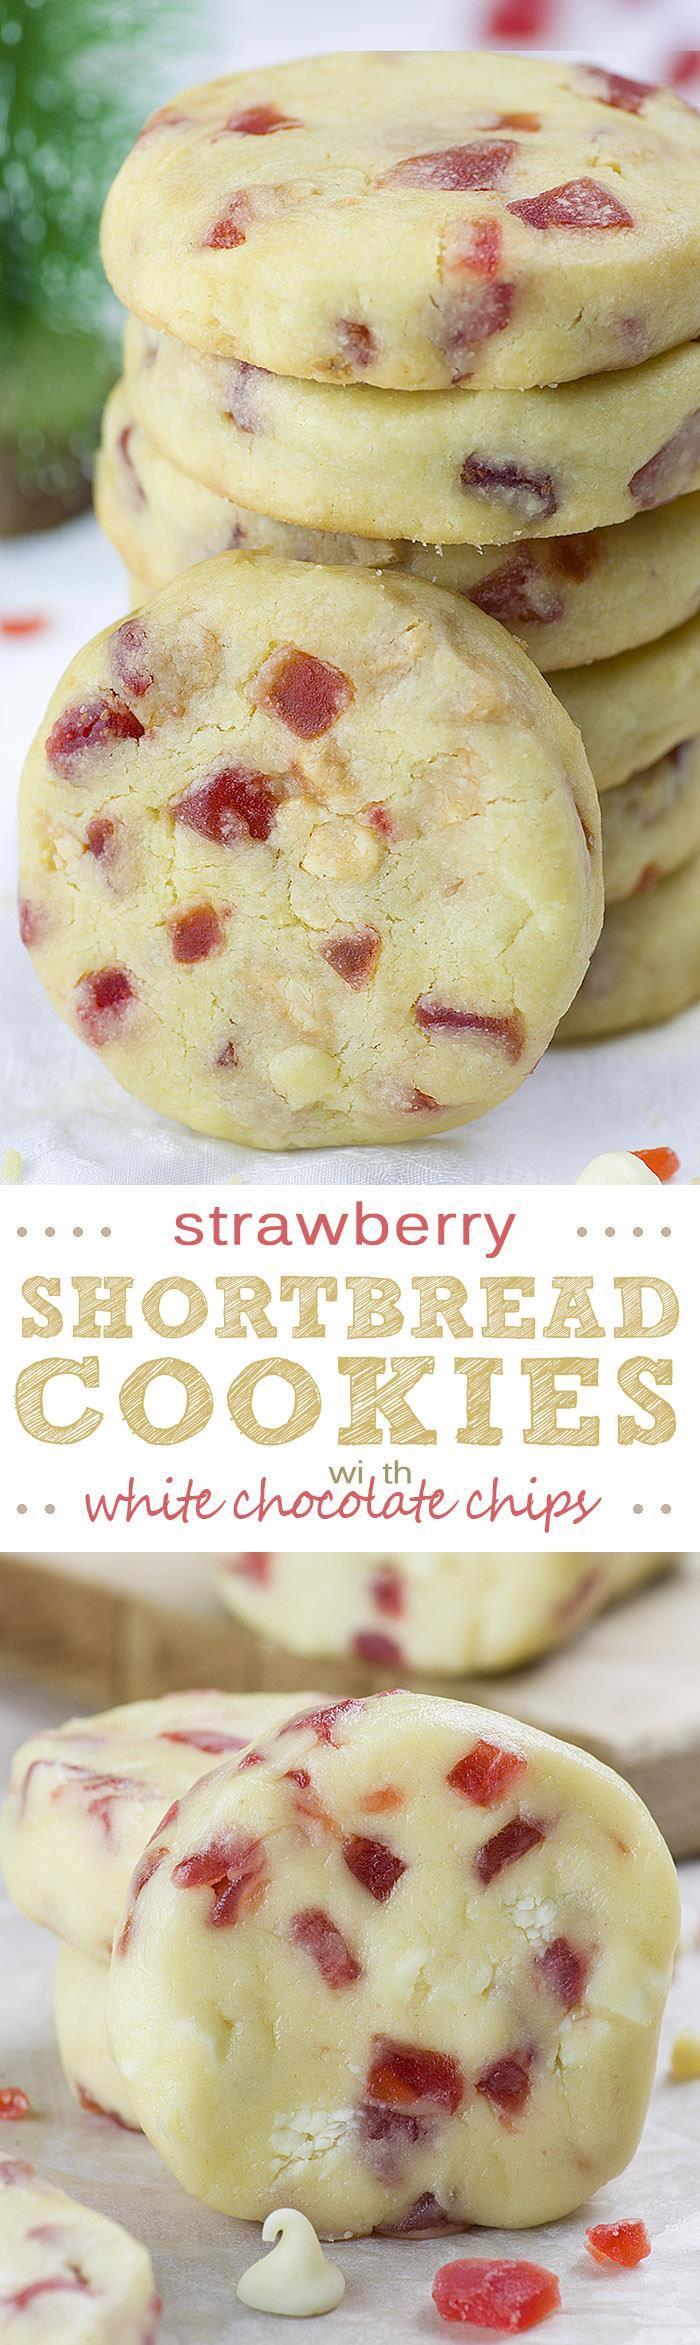 Песочное печенье с клубникой и белым шоколадом